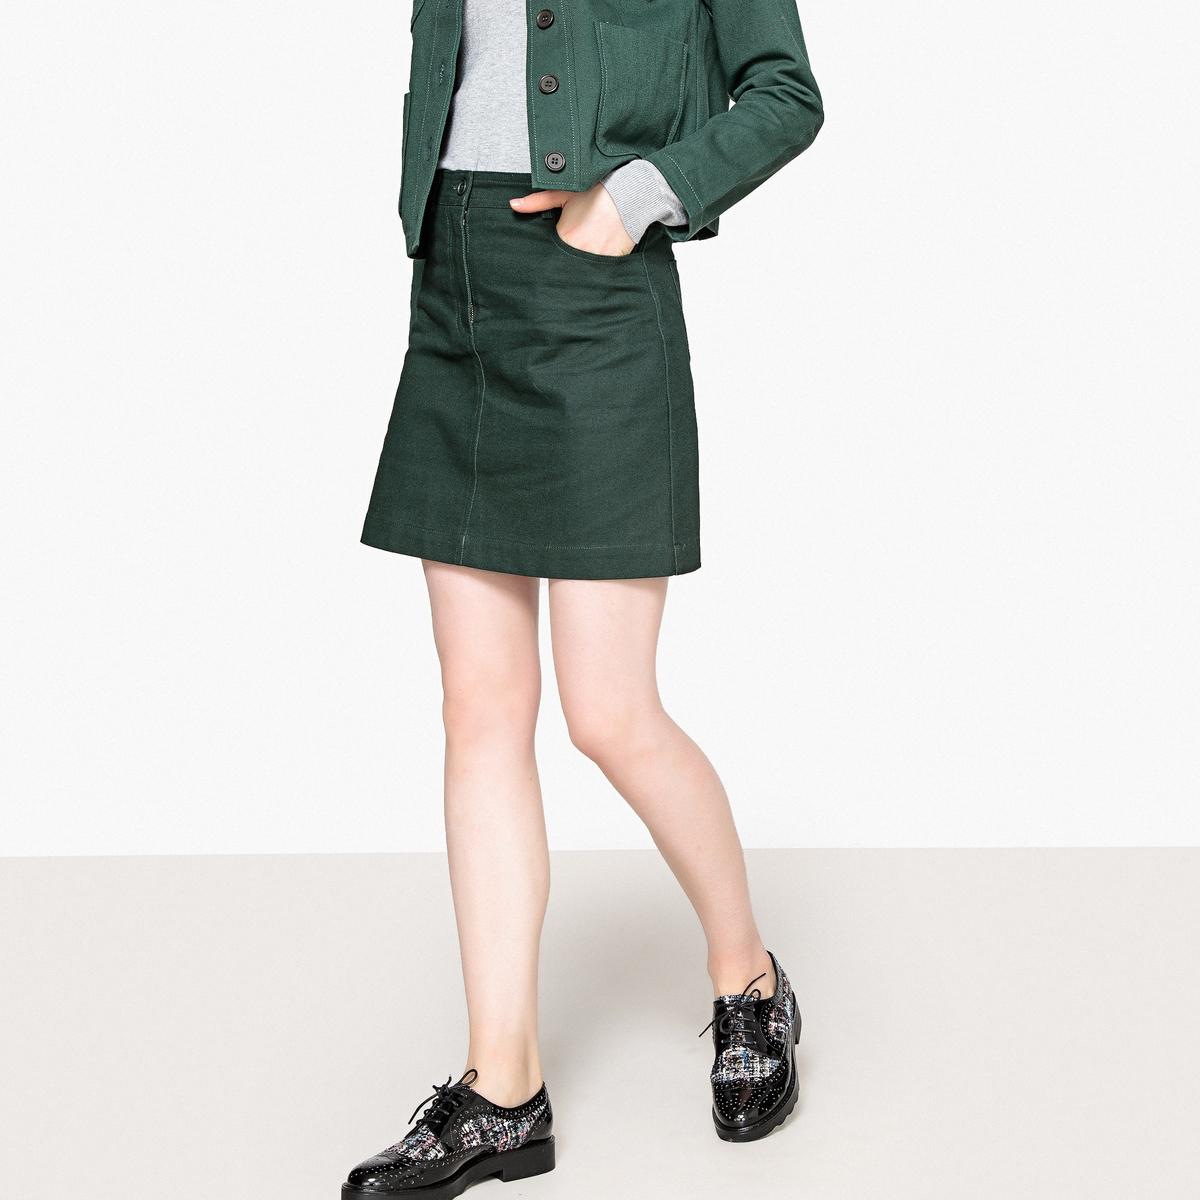 Юбка La Redoute Короткая из хлопка 34 (FR) - 40 (RUS) зеленый юбка la redoute короткая прямая из ткани с пропиткой 40 fr 46 rus черный